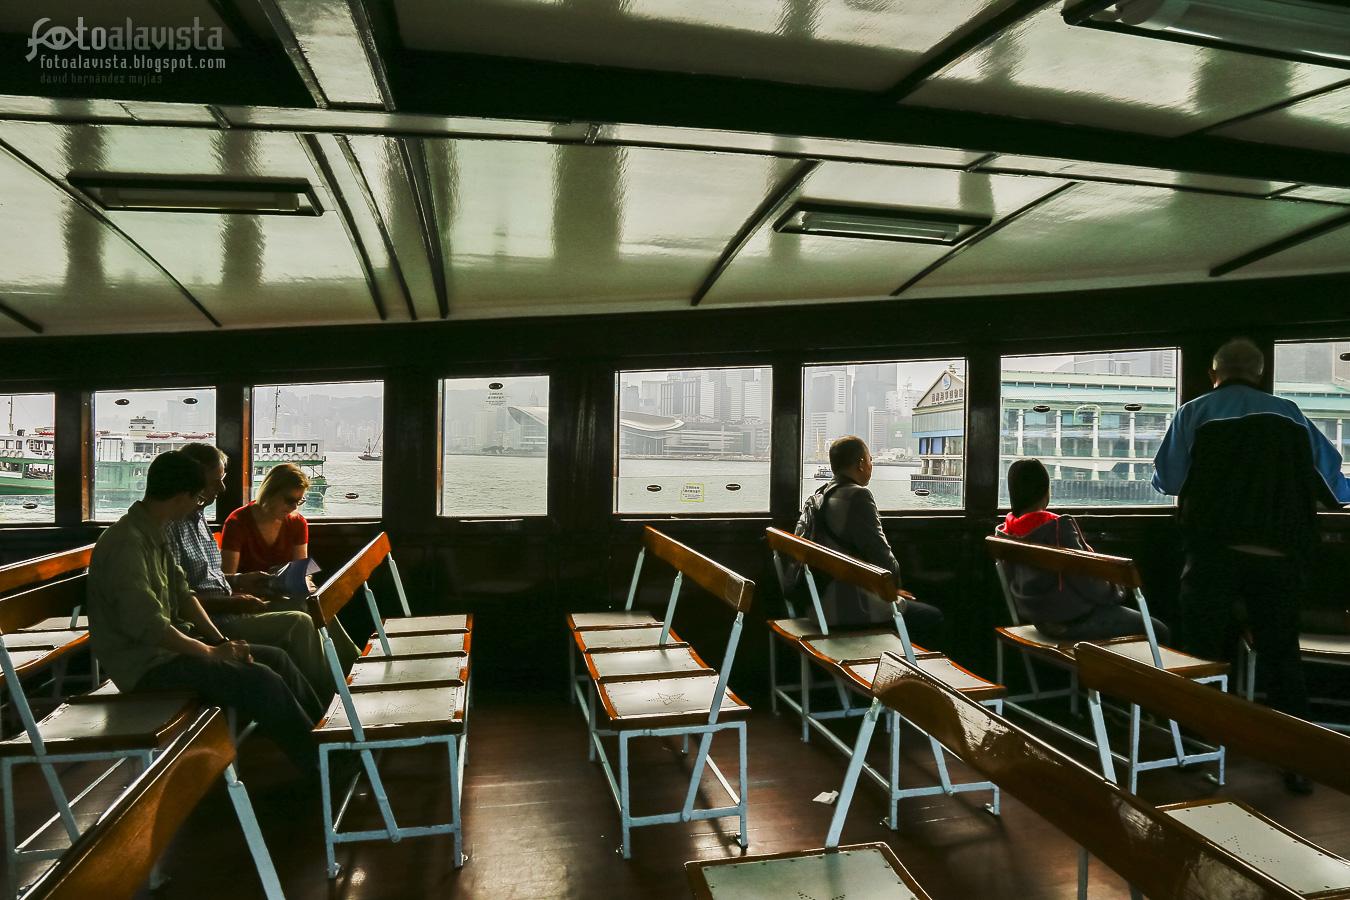 Por las ventanas del ferry - Fotografía artística